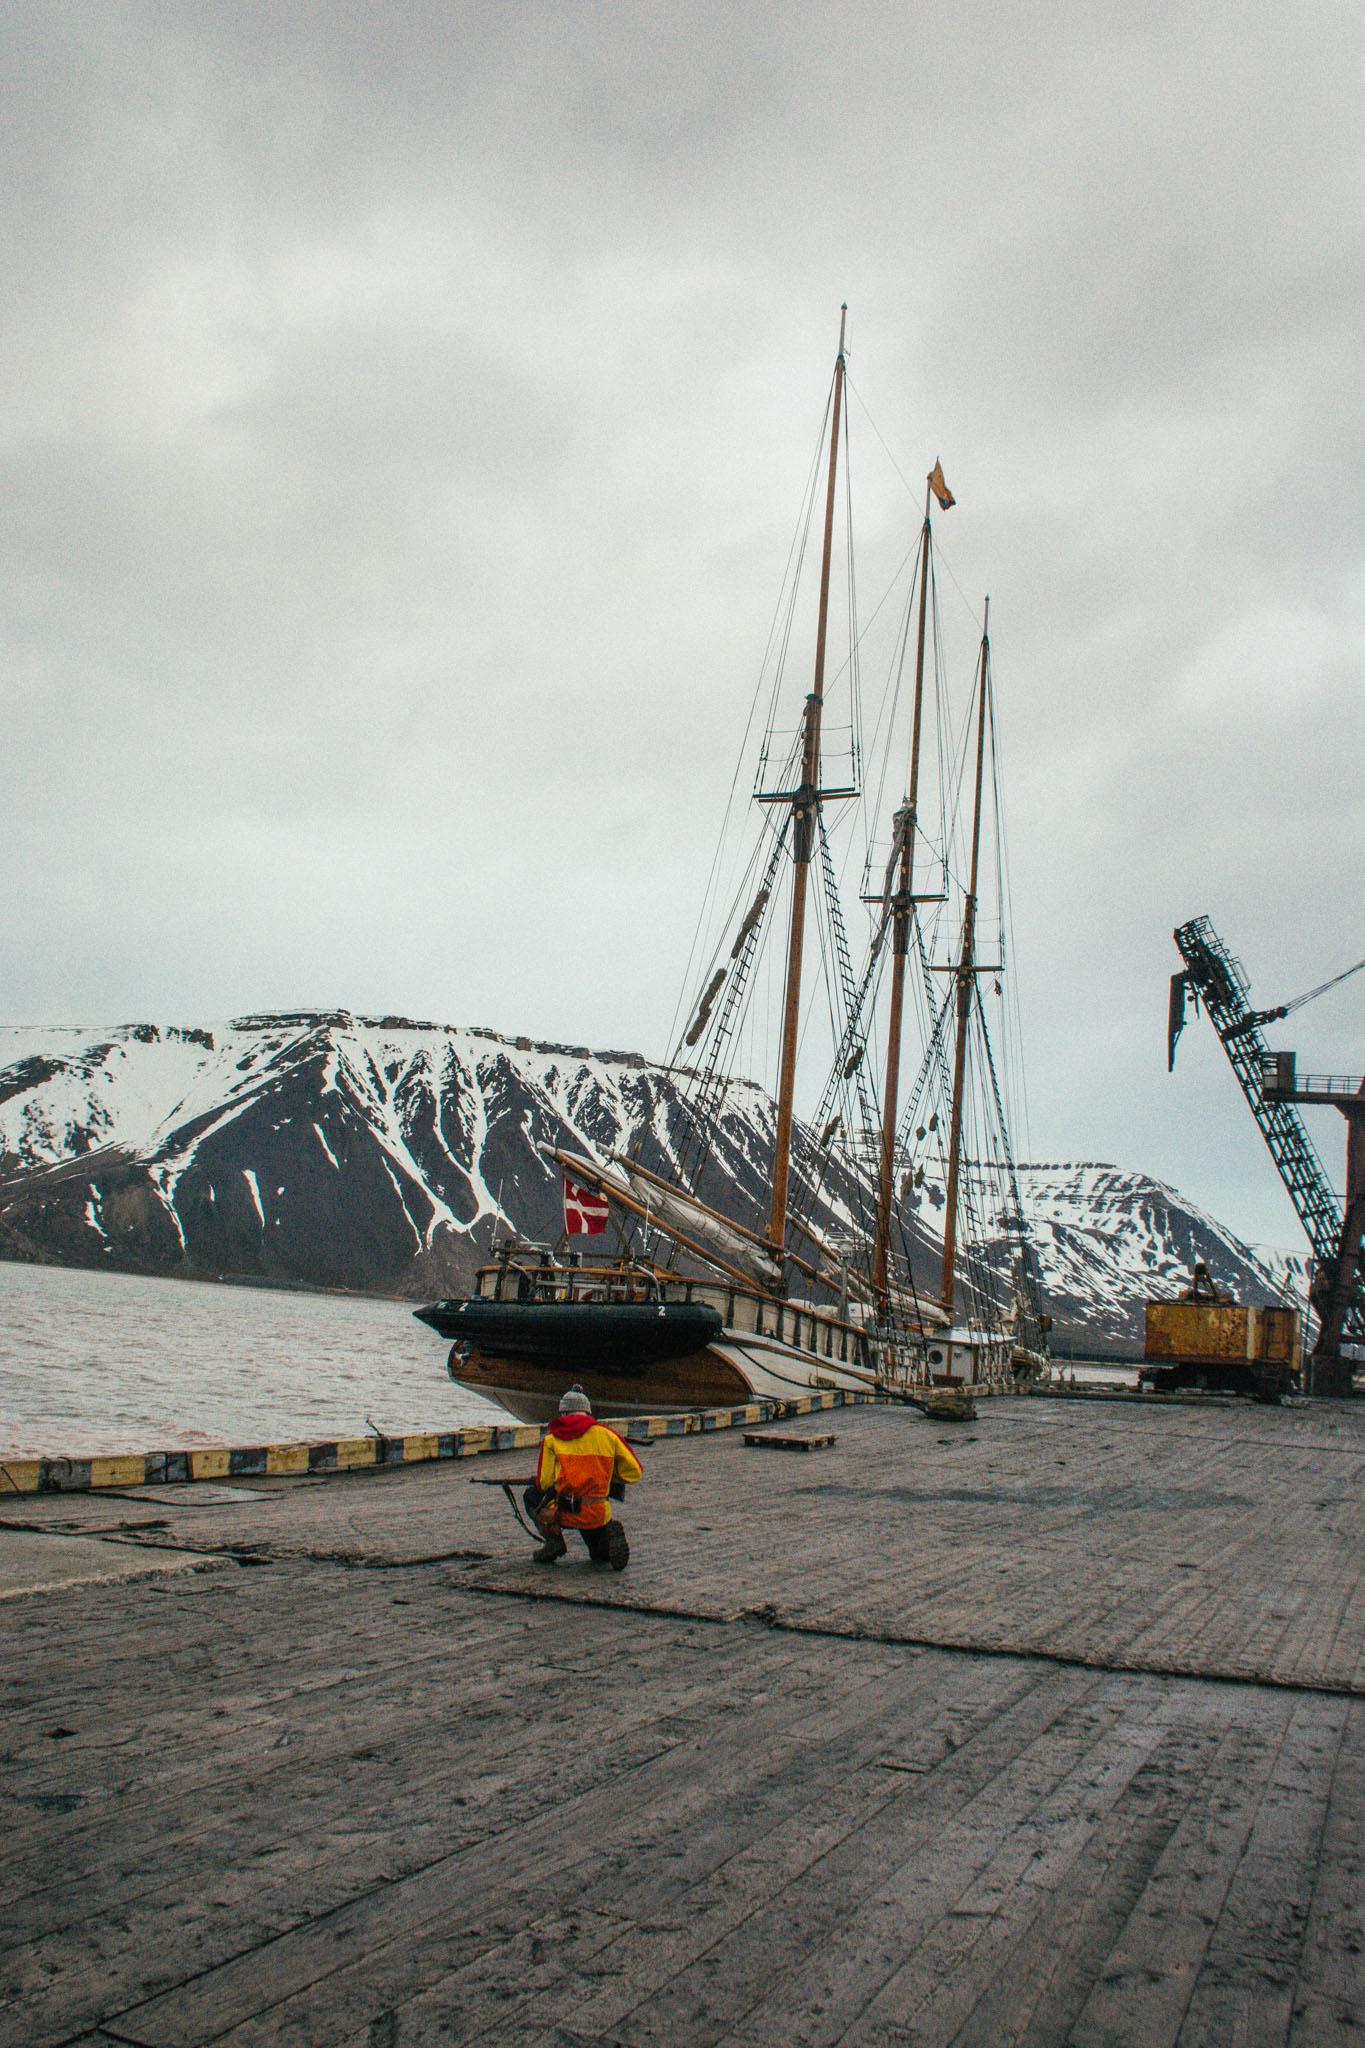 Svalbard_2018_Pukka_Perri_Rothenberg-106.jpg